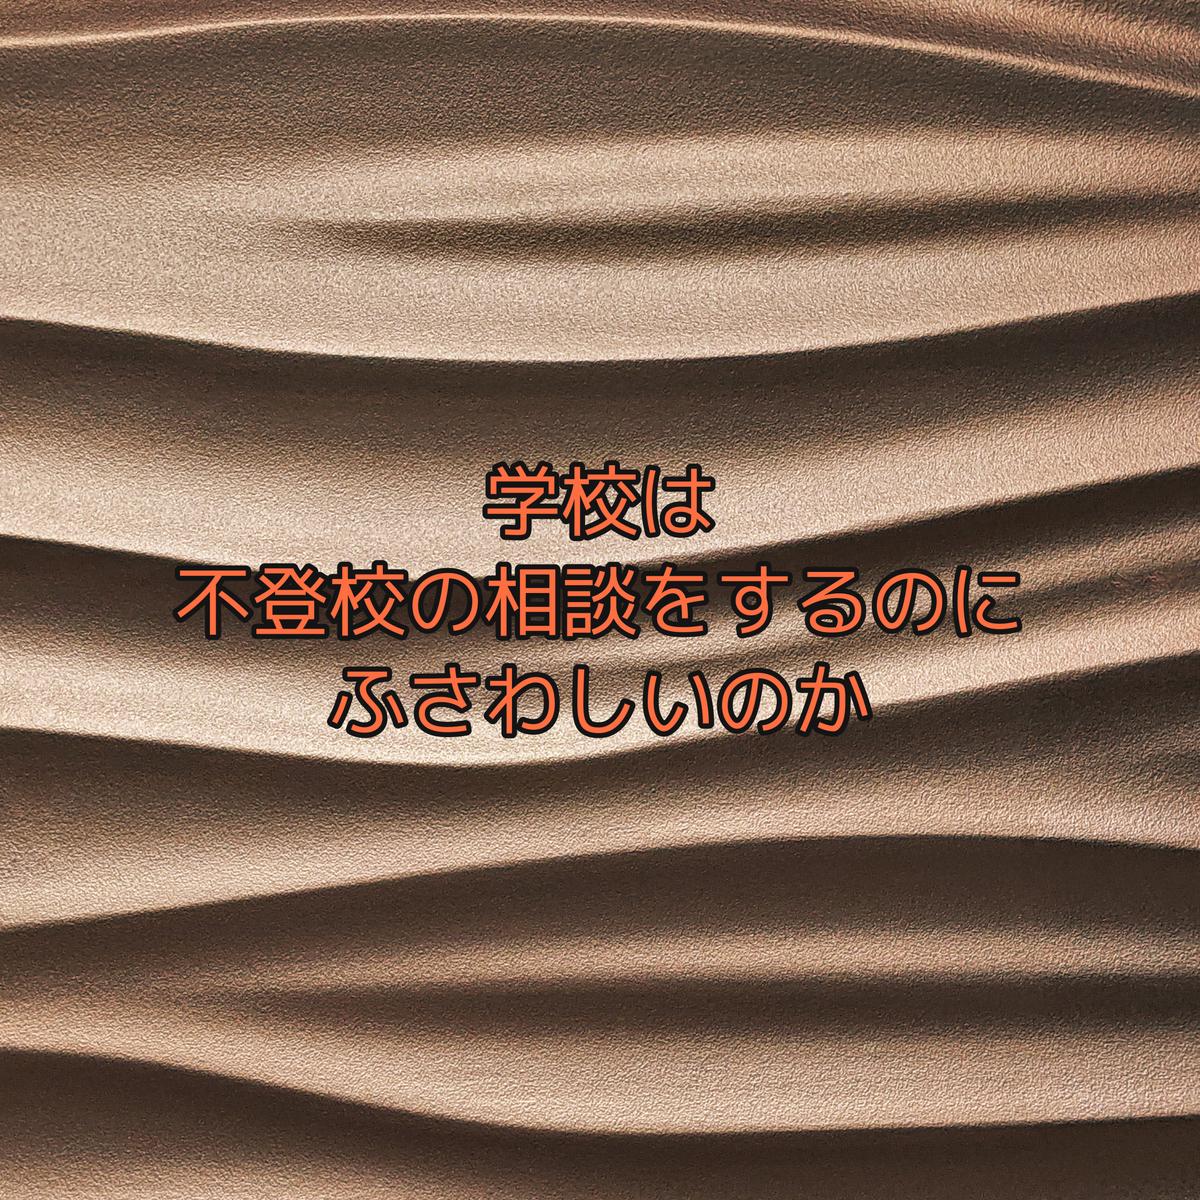 f:id:nanamiyuki:20210505182415j:plain